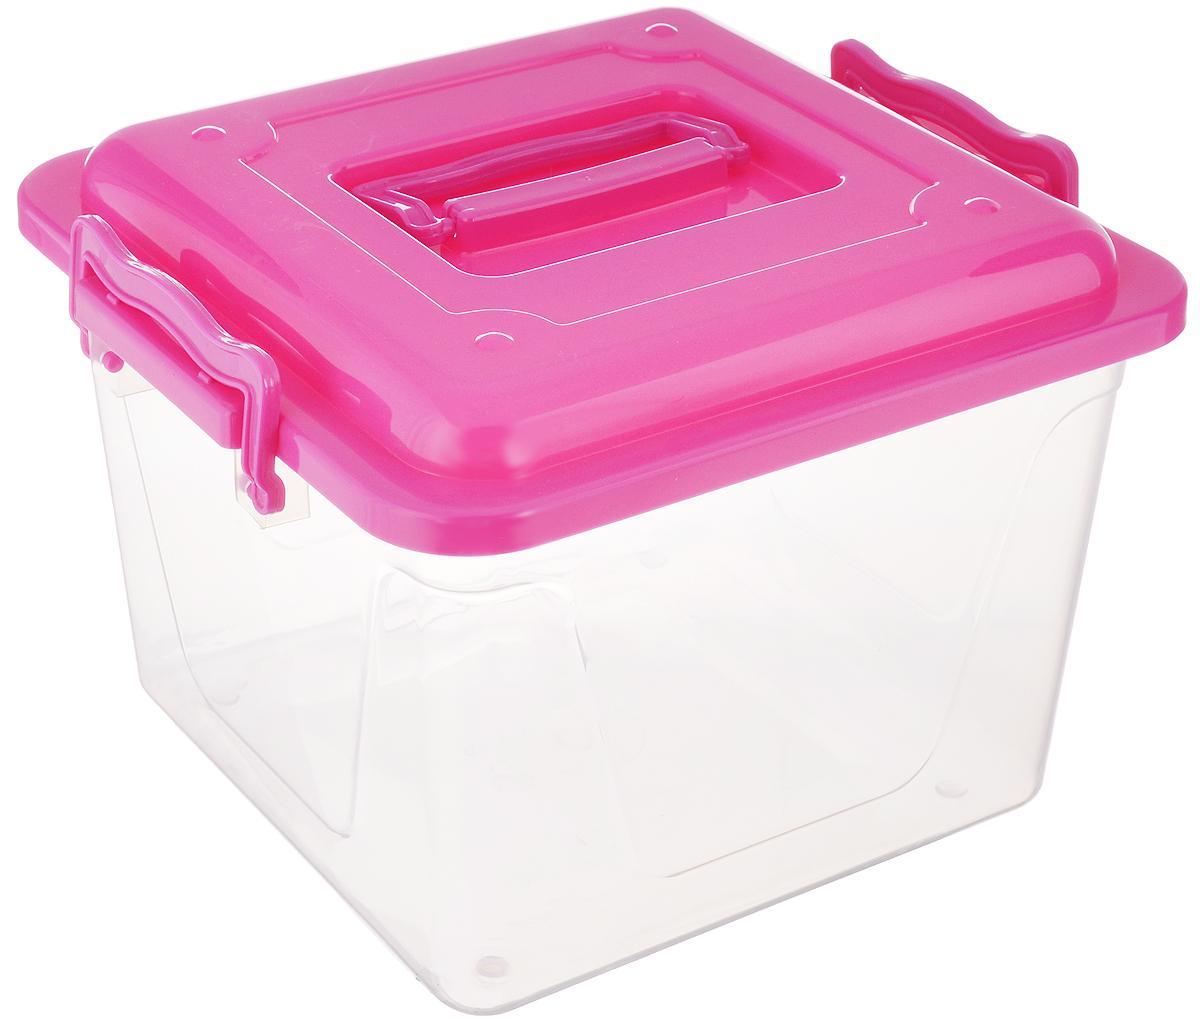 Контейнер Альтернатива, цвет: прозрачный, малиновый, 8,5 лHOM-55Контейнер Альтернатива прекрасно подойдет для хранения небольших игрушек, инструментов, швейных принадлежностей и многого другого. Он изготовлен из высококачественного пластика. Контейнер плотно закрывается крышкой с двумя защелками. Удобный и легкий контейнер позволит вам хранить вещи в полном порядке, а благодаря современному дизайну он впишется в любой интерьер. Контейнер имеет компактные размеры, поэтому не занимает много места.Размер (с учетом крышки): 26 х 27 х 20,5 см.